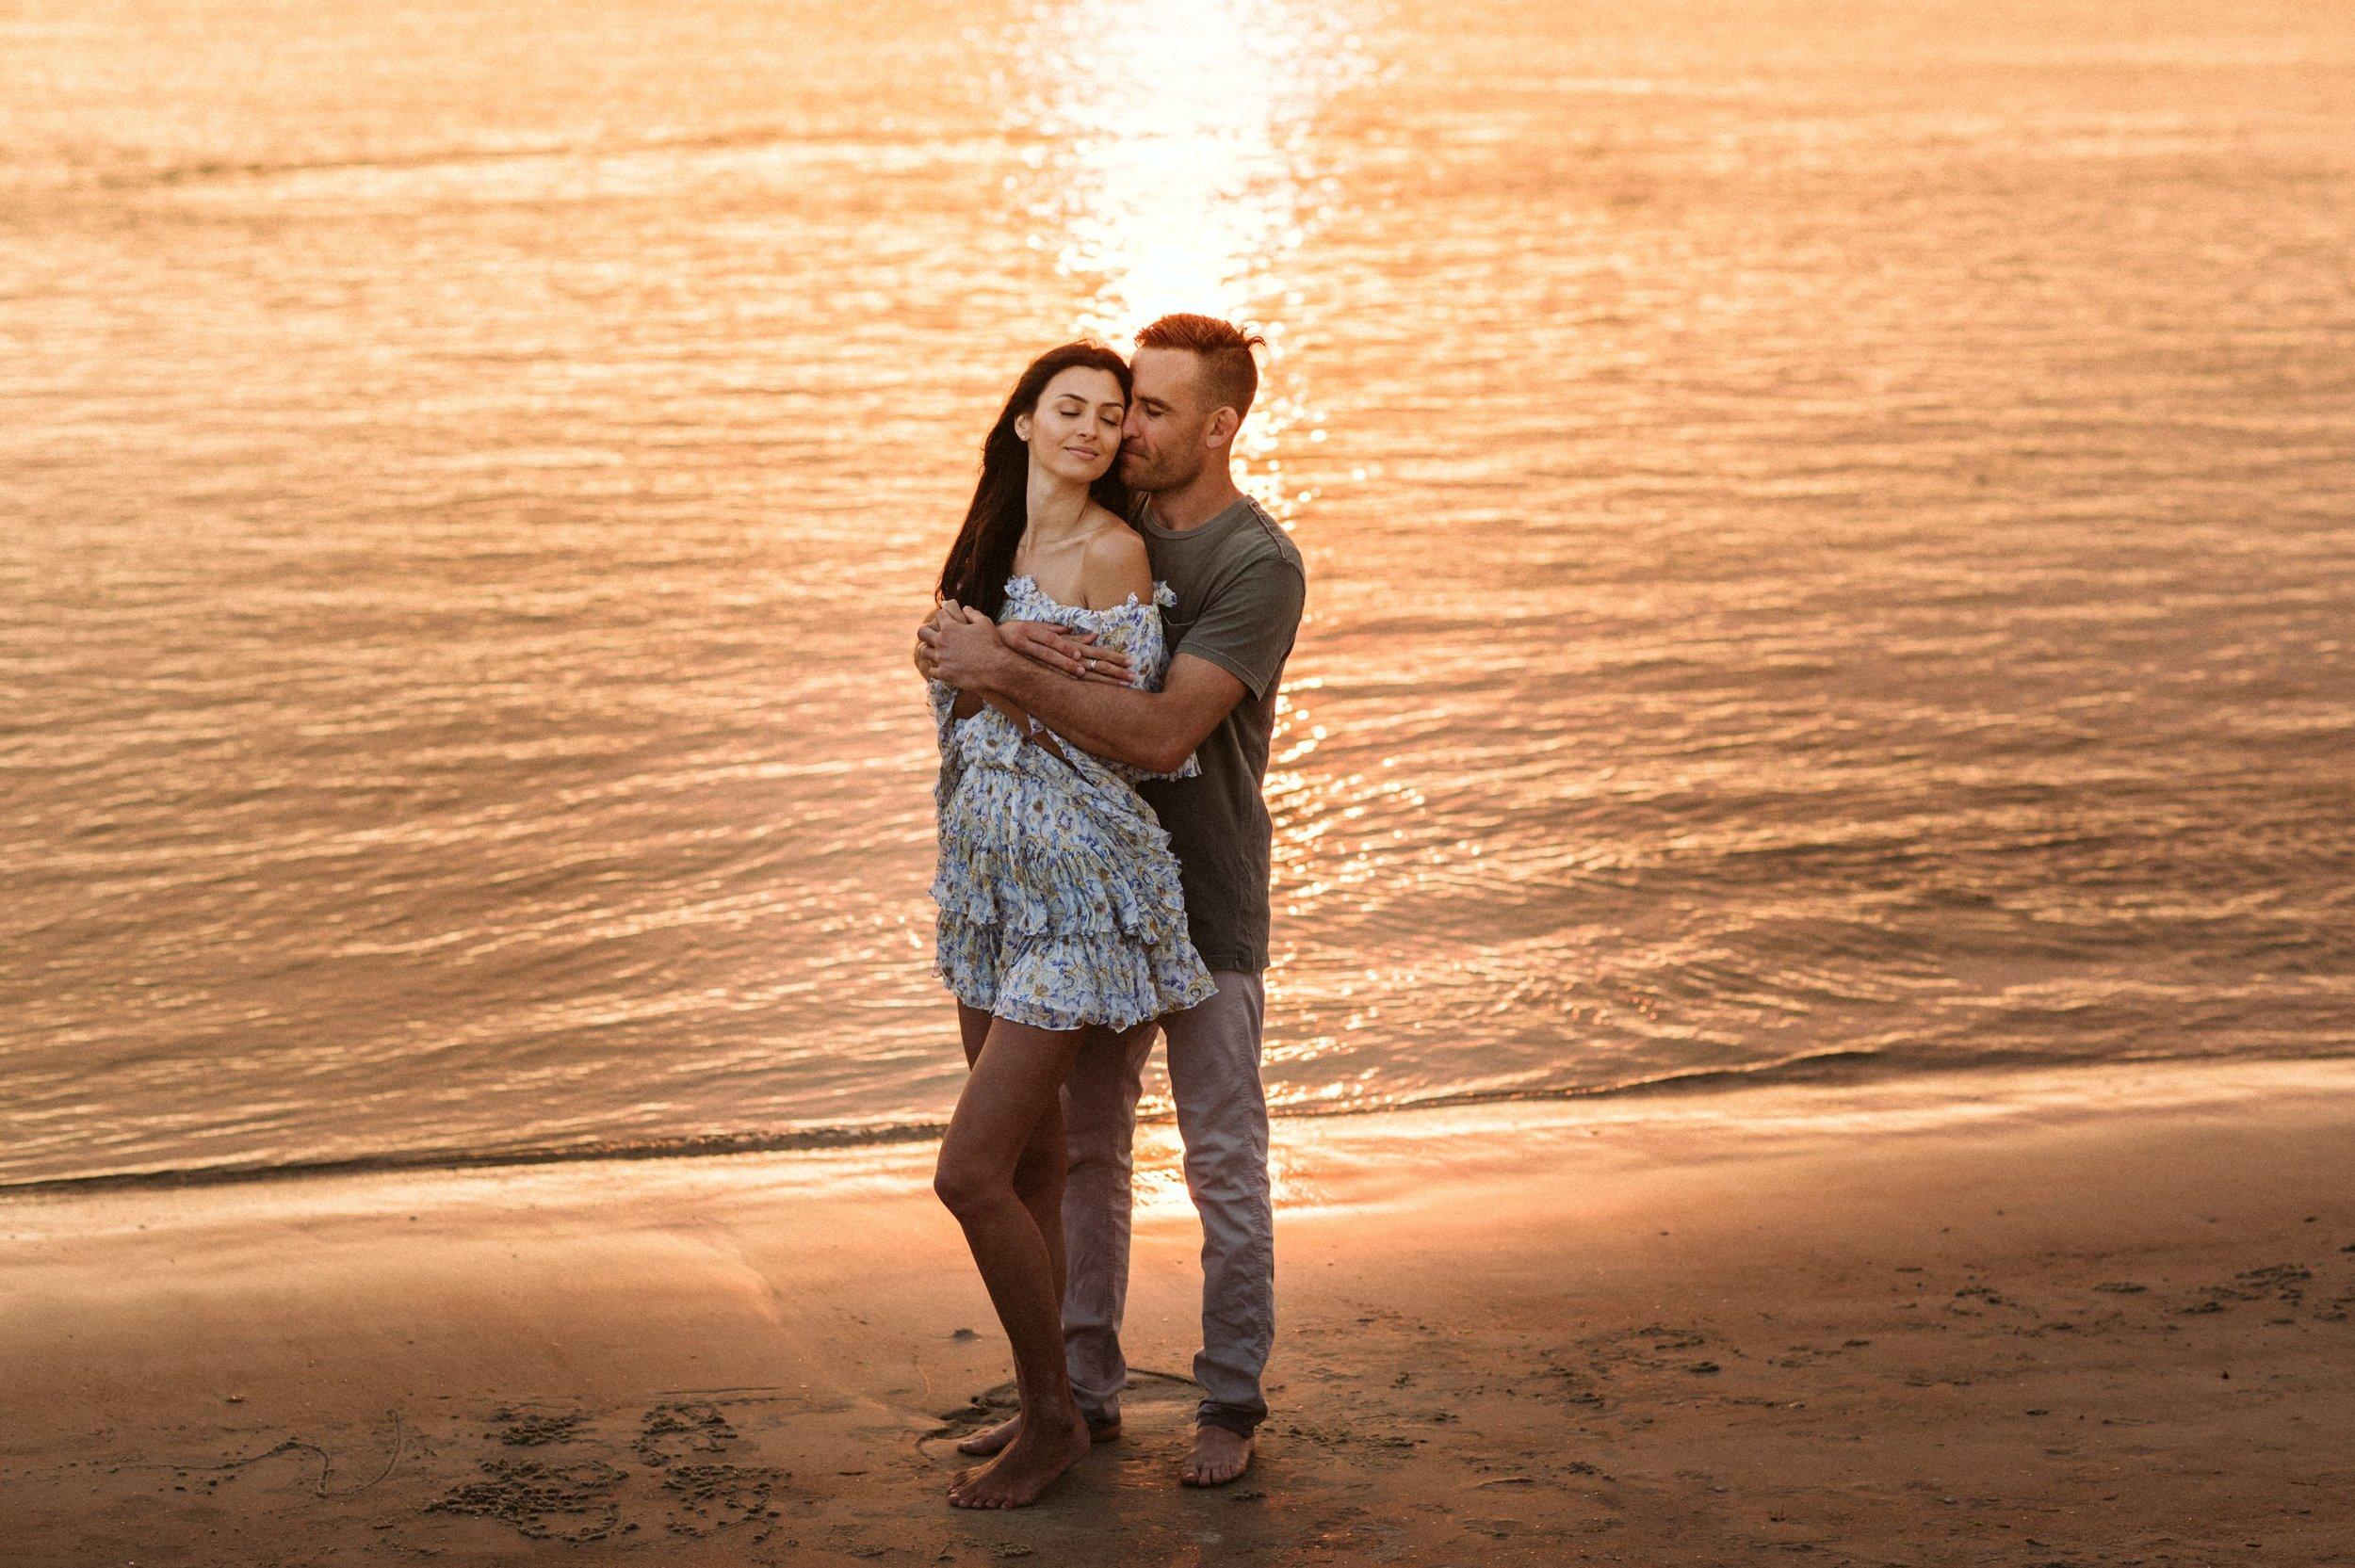 Adventure Brushfire sunset beach engagement- Gabriella + Chad- Shaina DeCiryan photography10.jpg